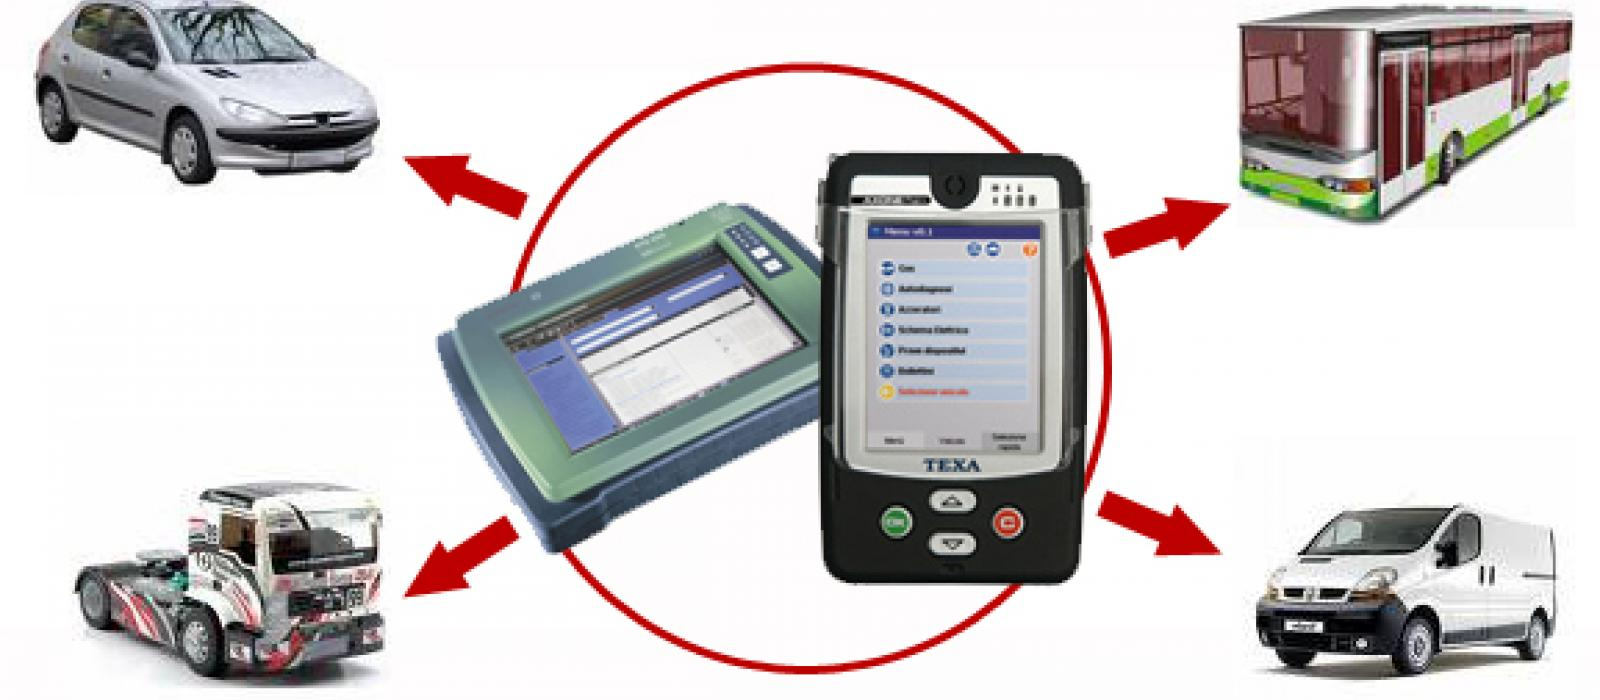 Le contrôle et le diagnostique électronique